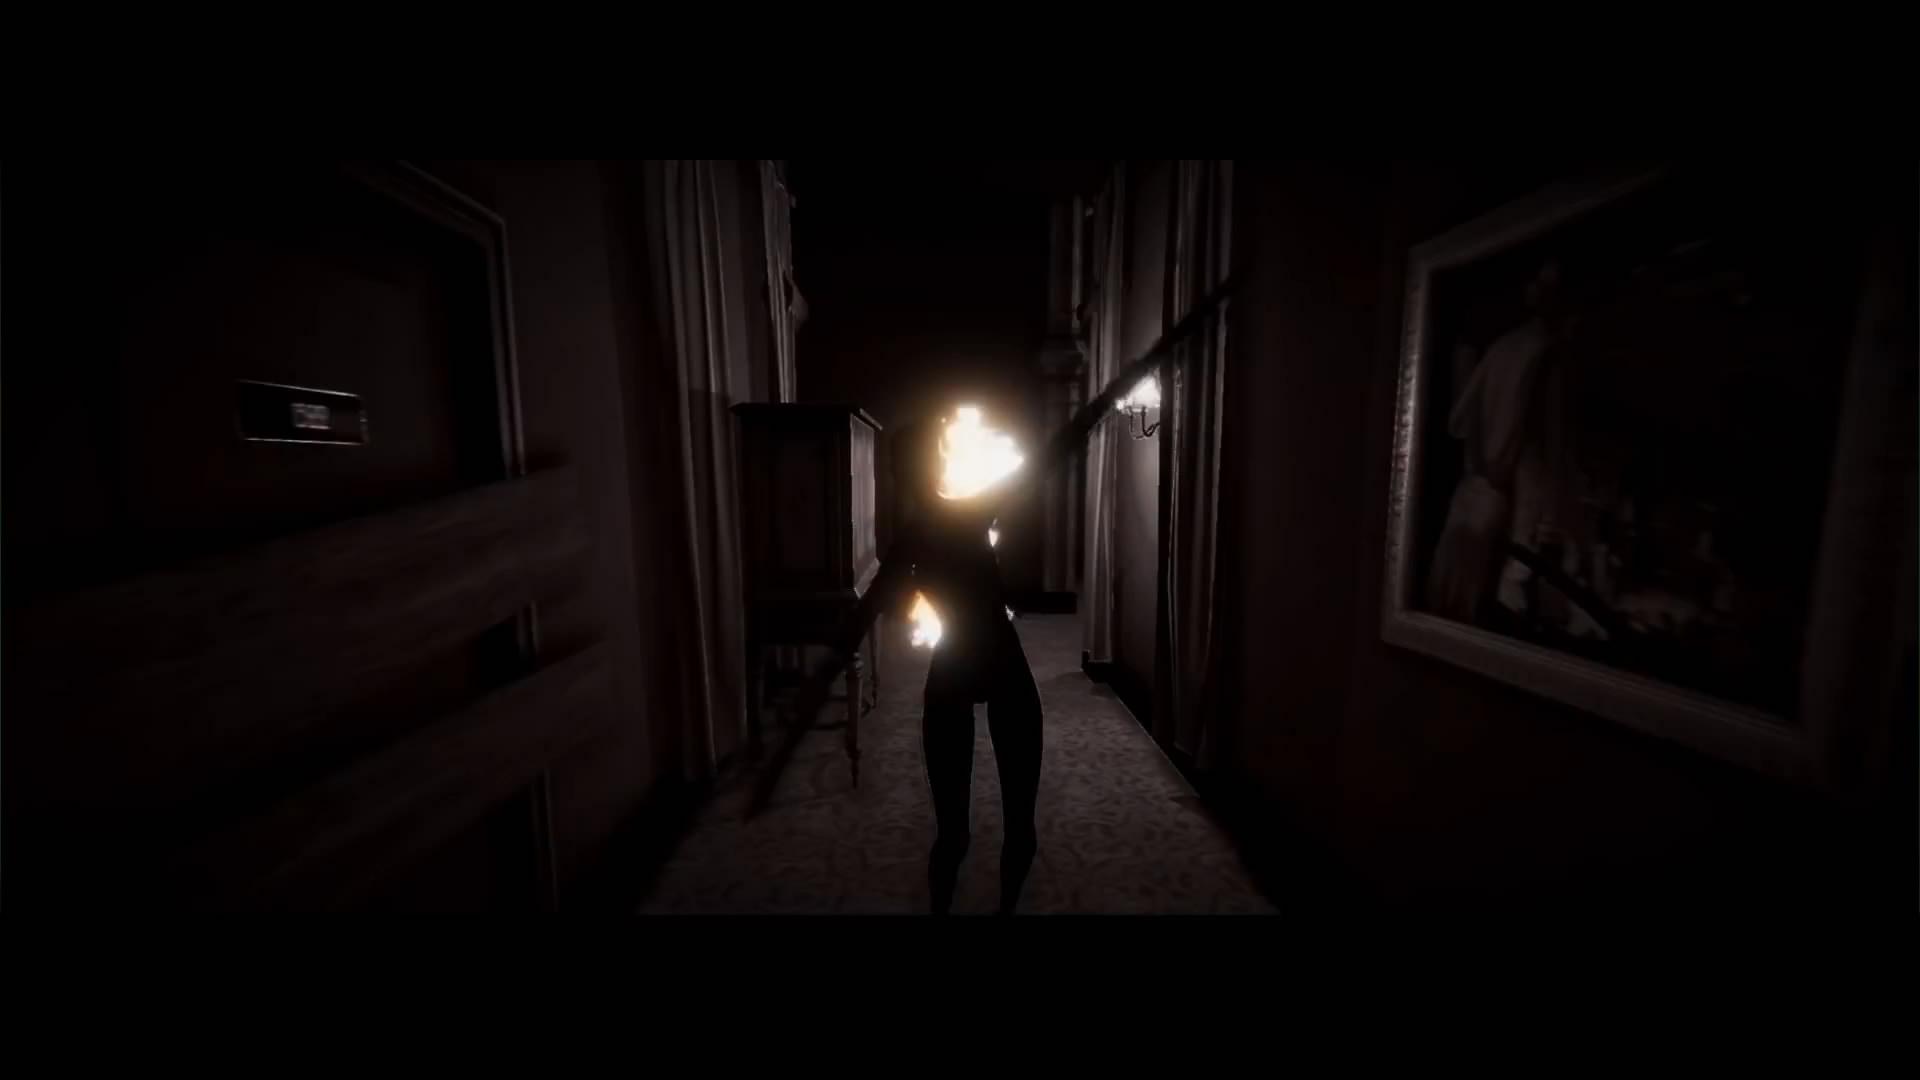 尾行小妹妹 恐怖游戏《玩具屋》PC版5月24日发售